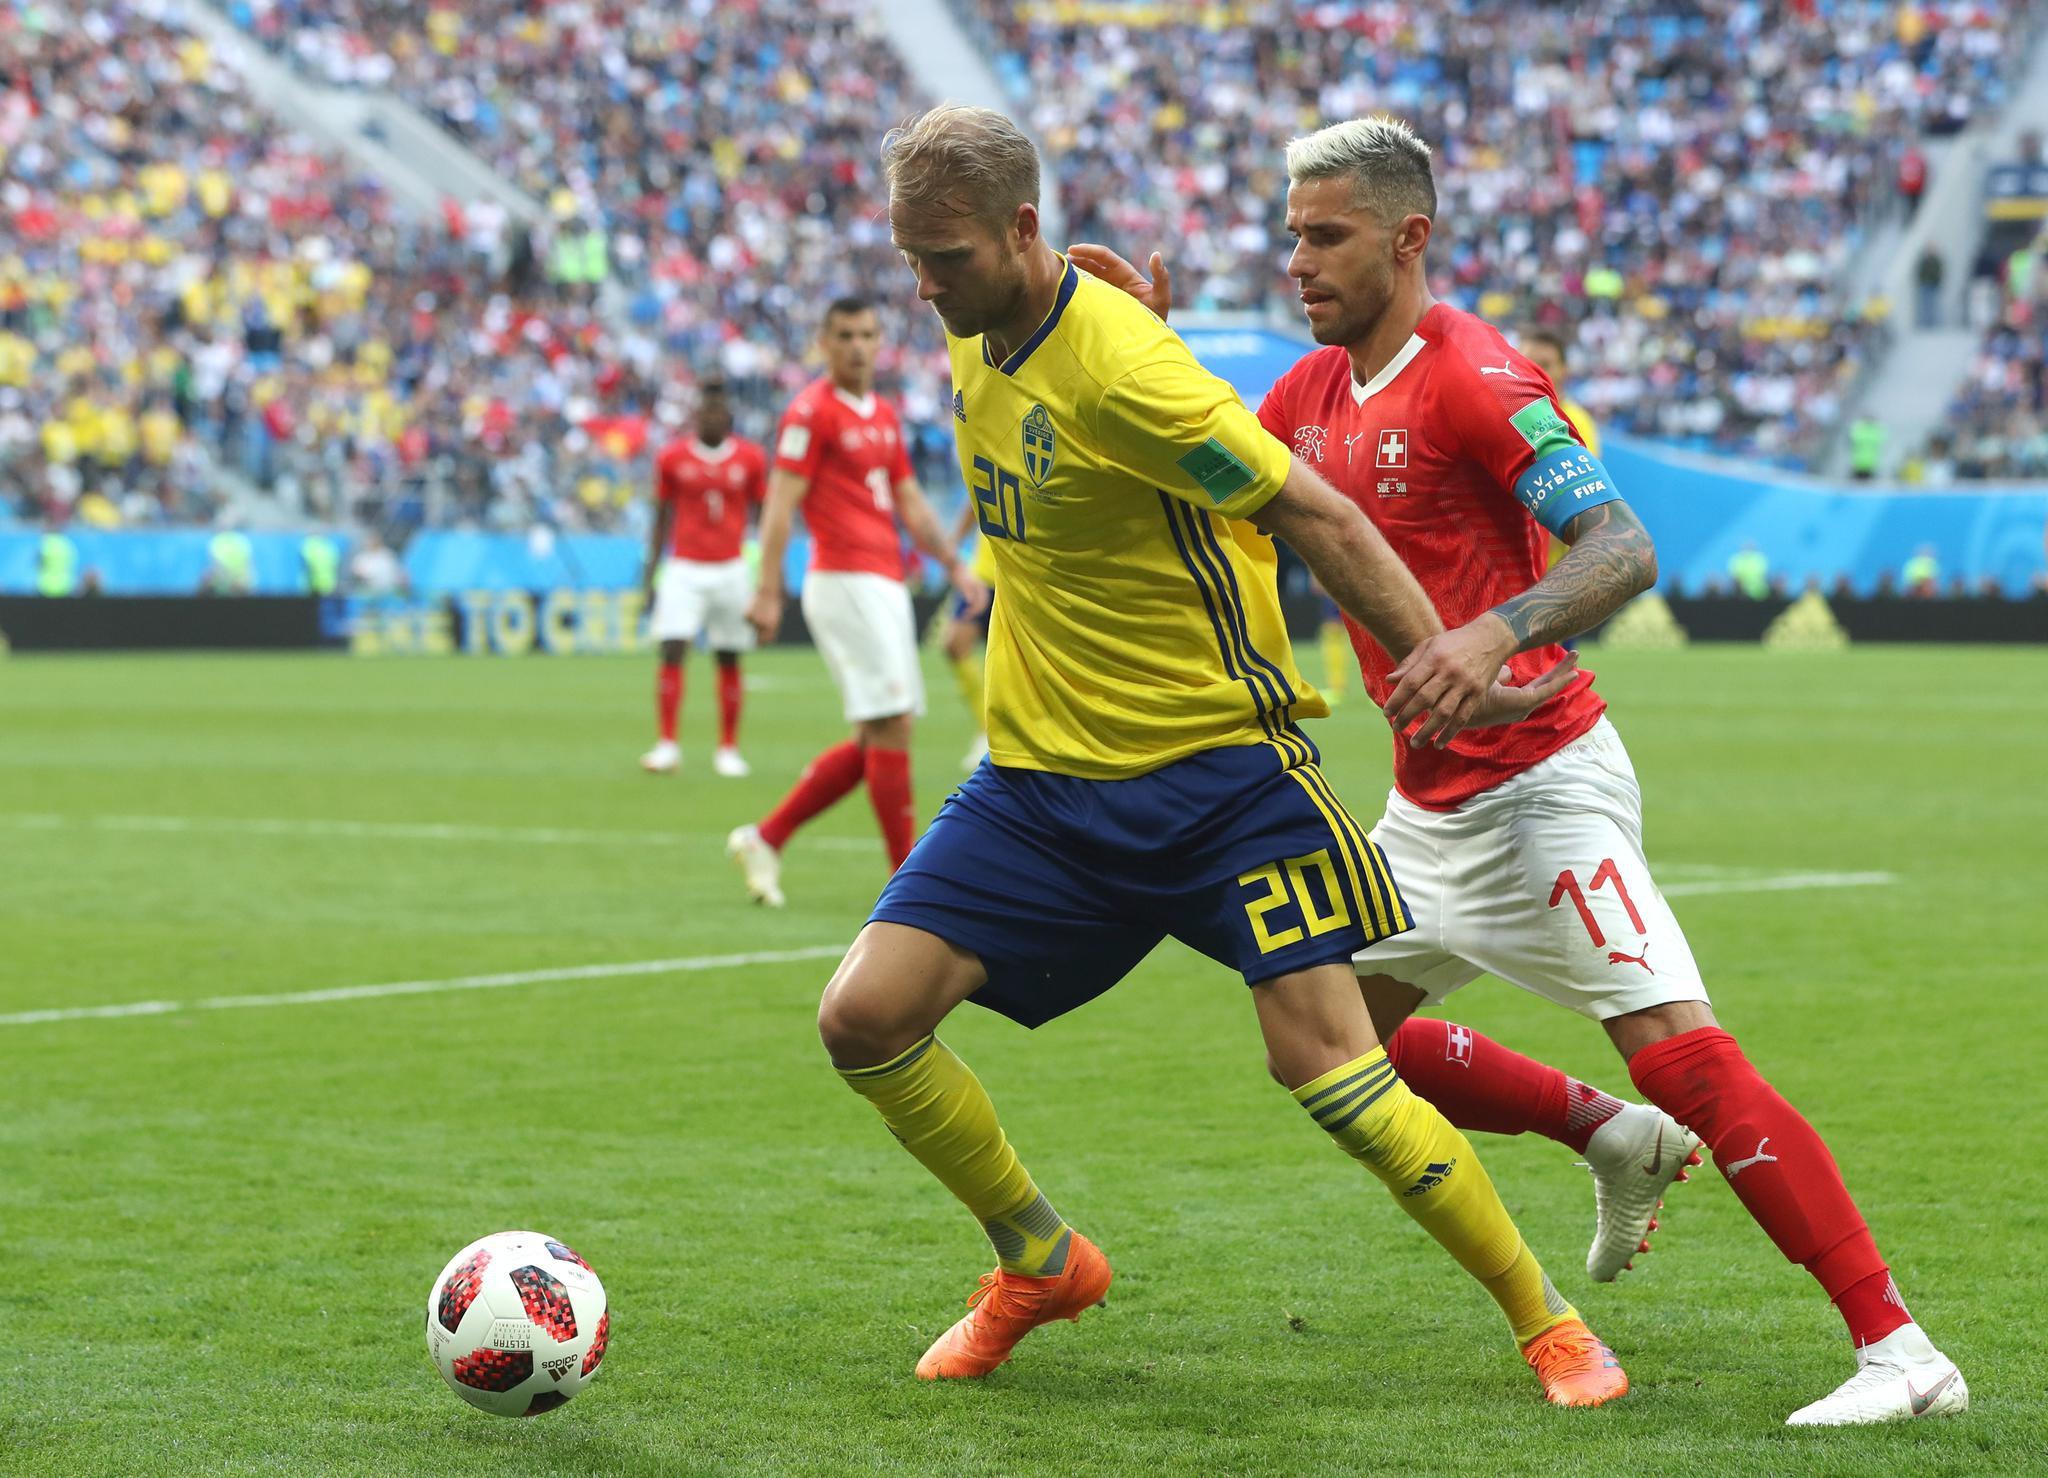 受疫情影响 瑞典射手托伊沃宁将离开墨尔本胜利